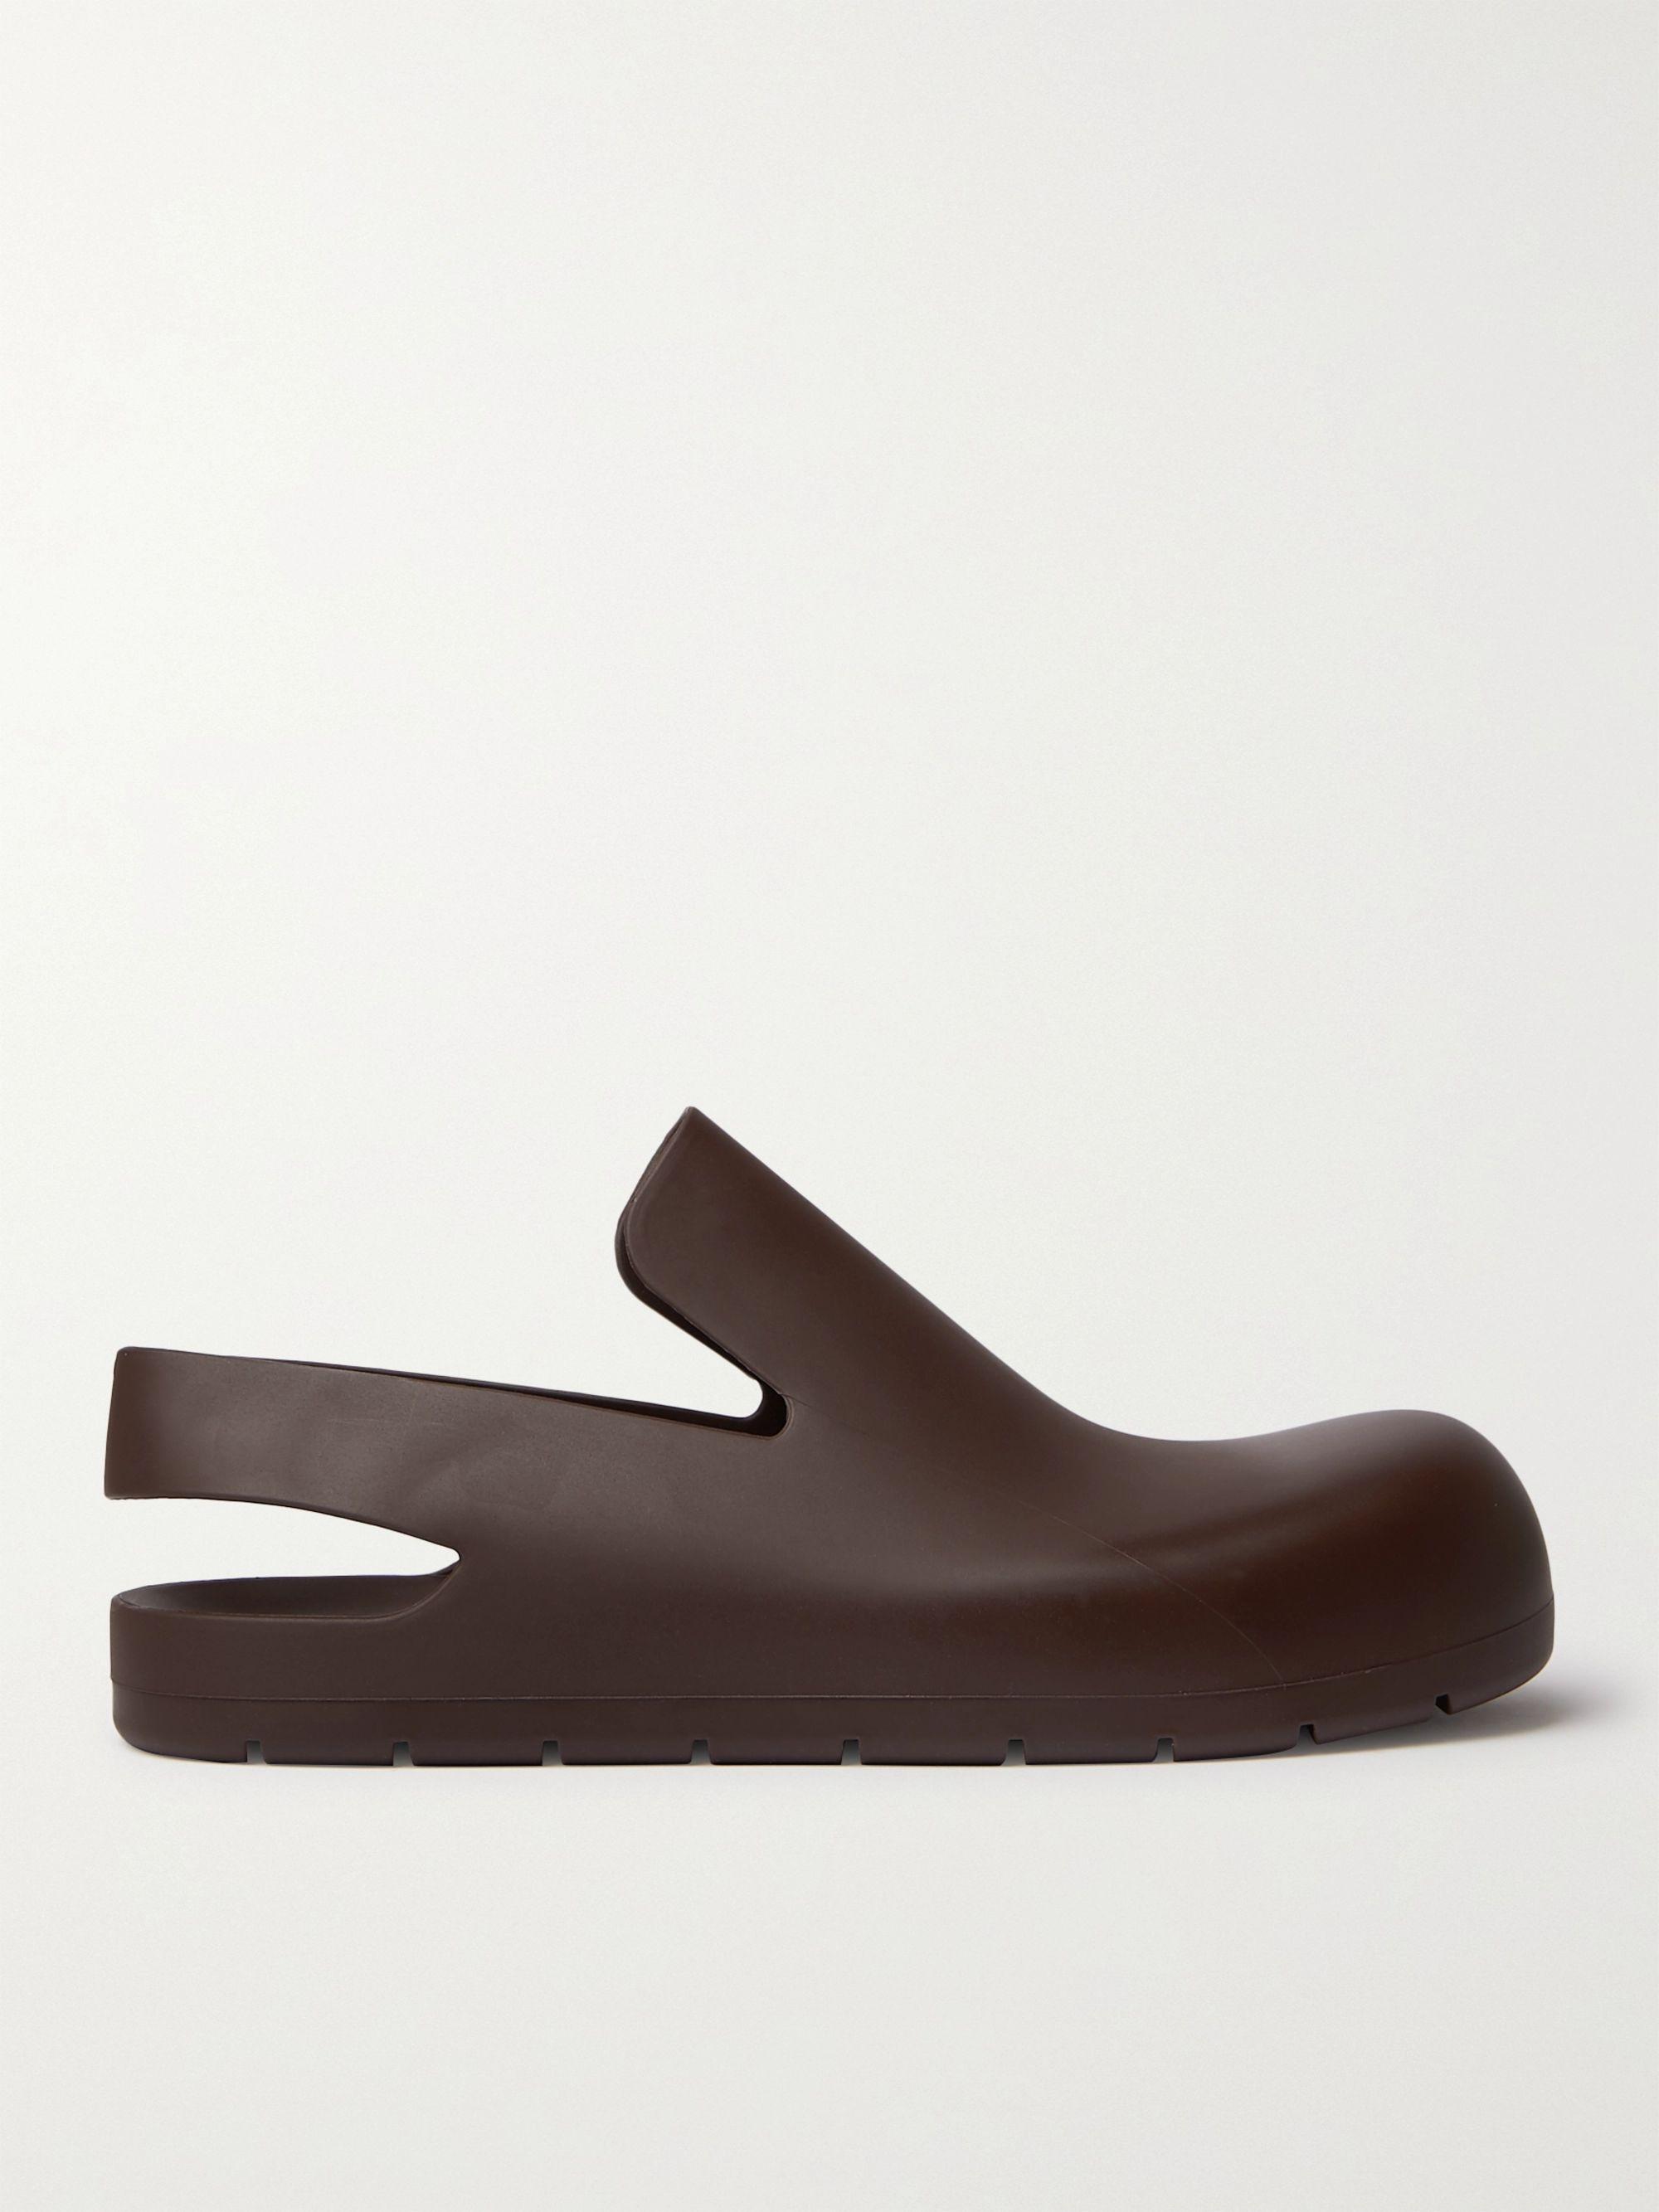 보테가 베네타 Bottega Veneta Rubber Sandals,Dark brown